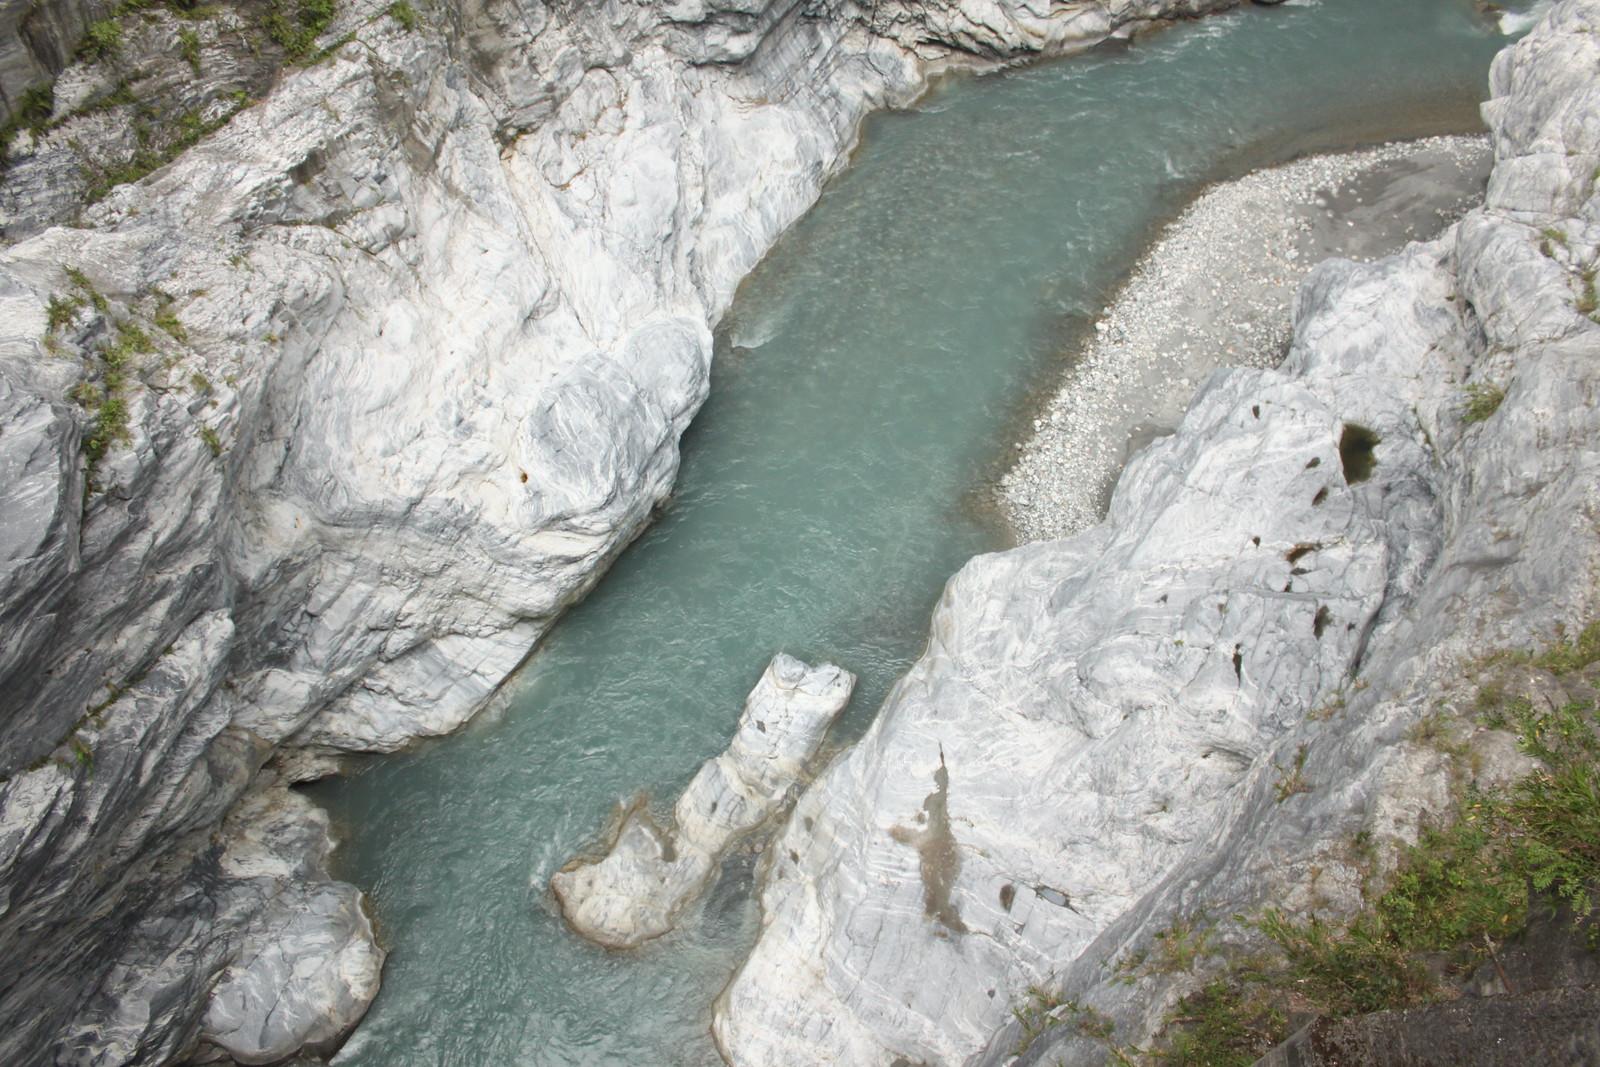 El río cruza desgastando la roca a lo largo de los siglos